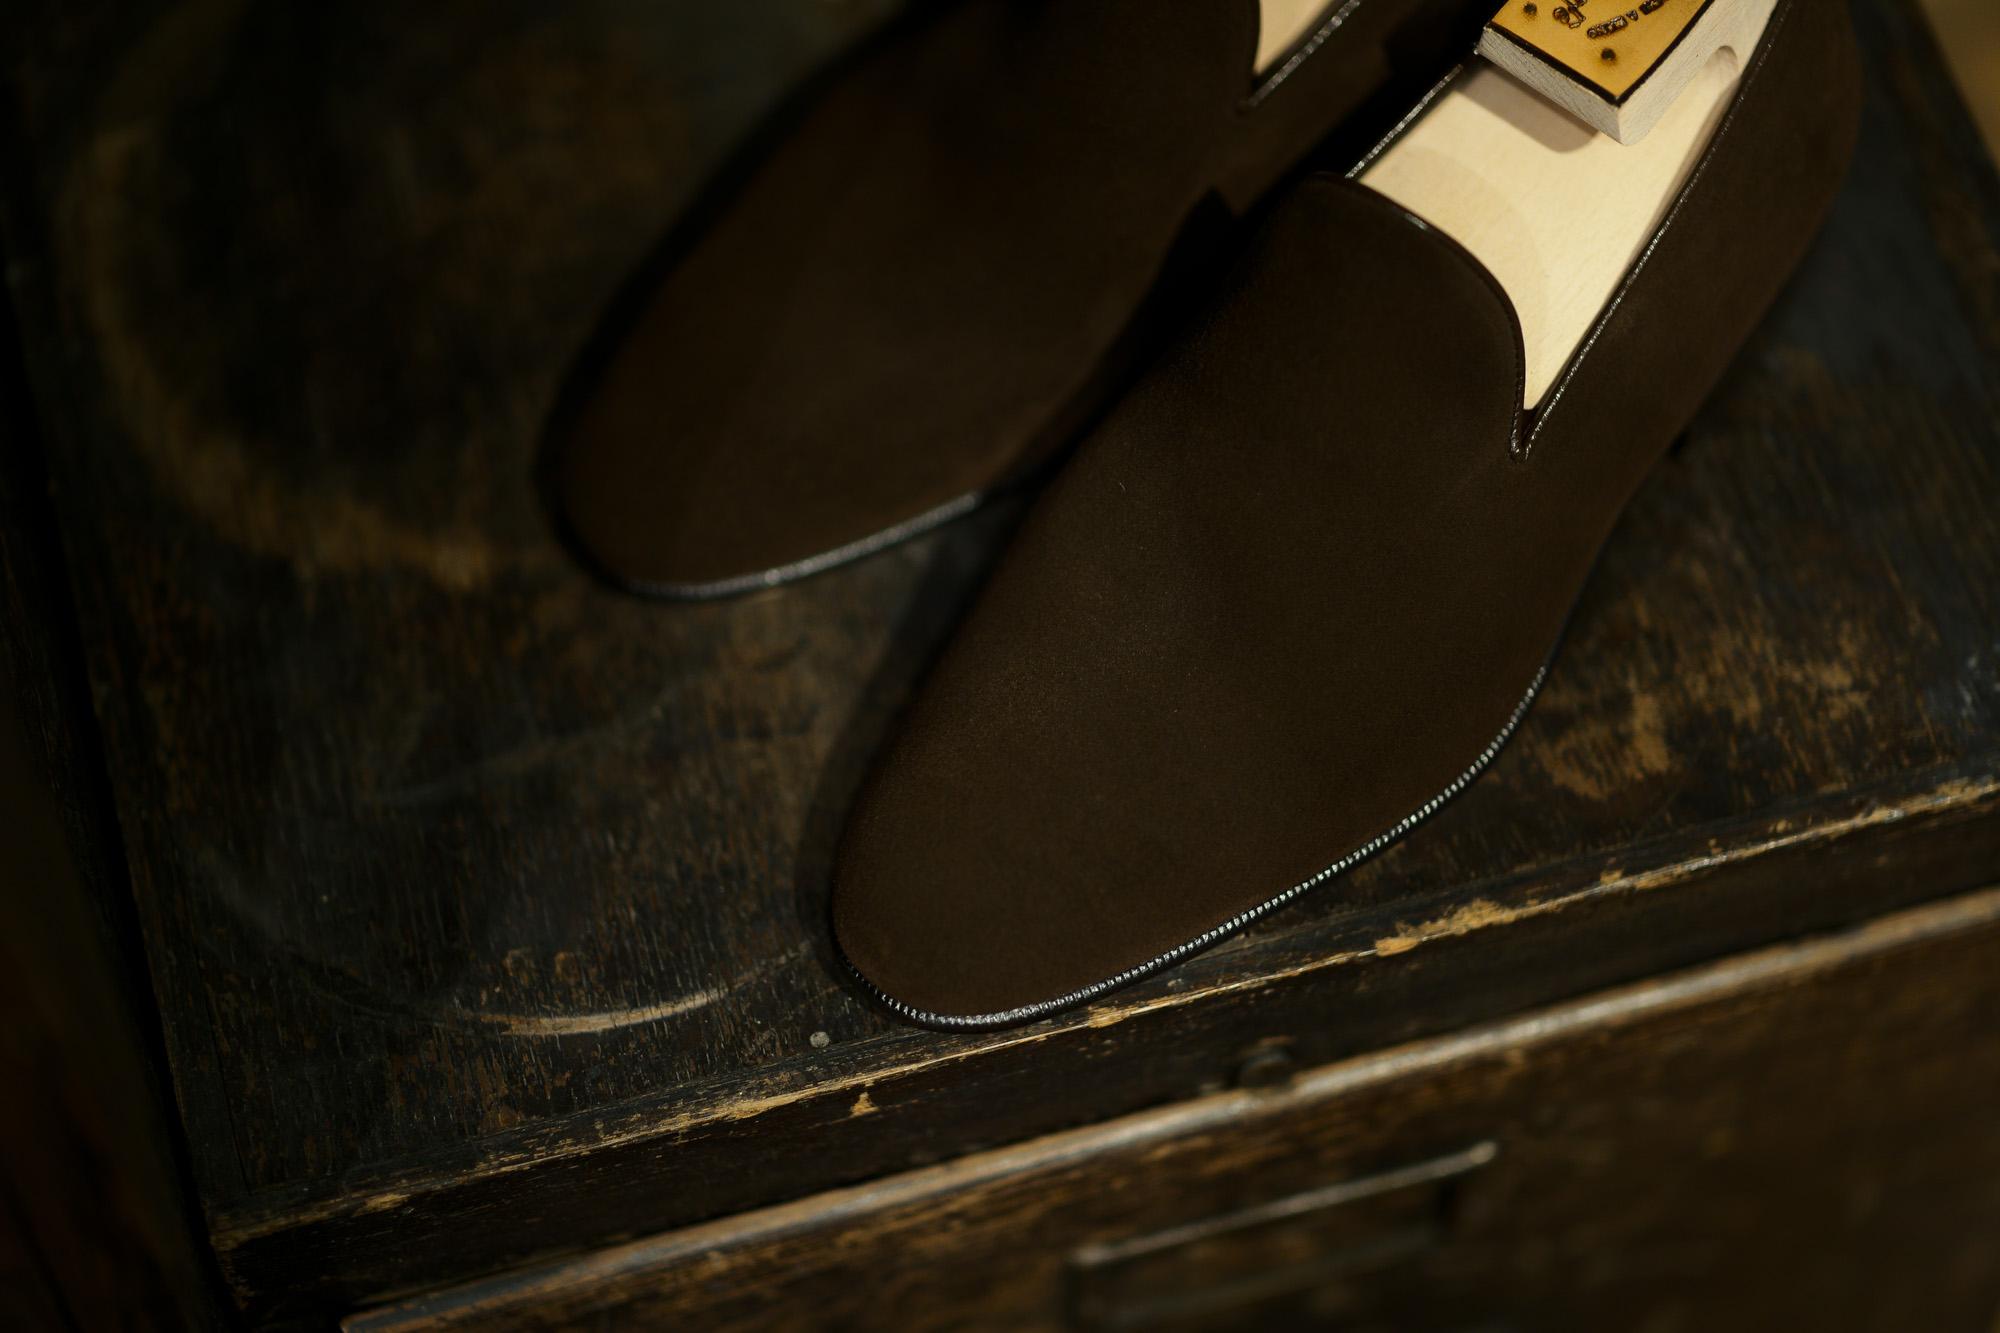 ENZO BONAFE(エンツォボナフェ) ART.3921 SLIP ON スリッポン SUPERBUCK スーパーバック スエードレザー ドレスシューズ スリッポン HOLBORN(ブラウン) made in italy (イタリア製) 2019 enzobonafe エンツォボナフェ eb08 ローファー zodiac nagoya alto e diritto altoediritto アルトエデリット